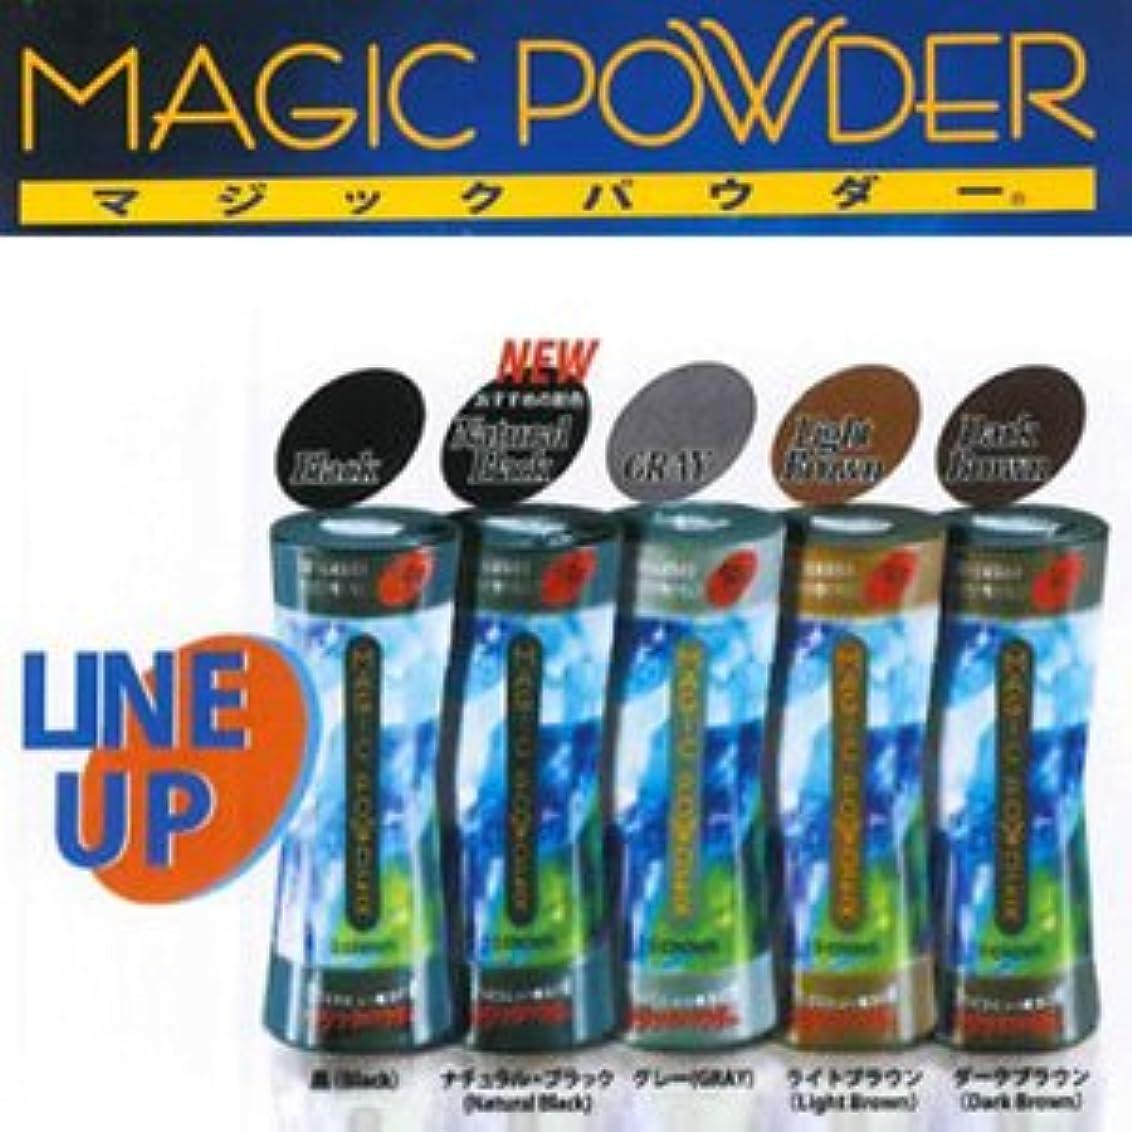 エッセイ残り物余計なMAGIC POWDER マジックパウダー ダークブラウン 50g  2個セット ※貴方の髪を簡単ボリュームアップ!